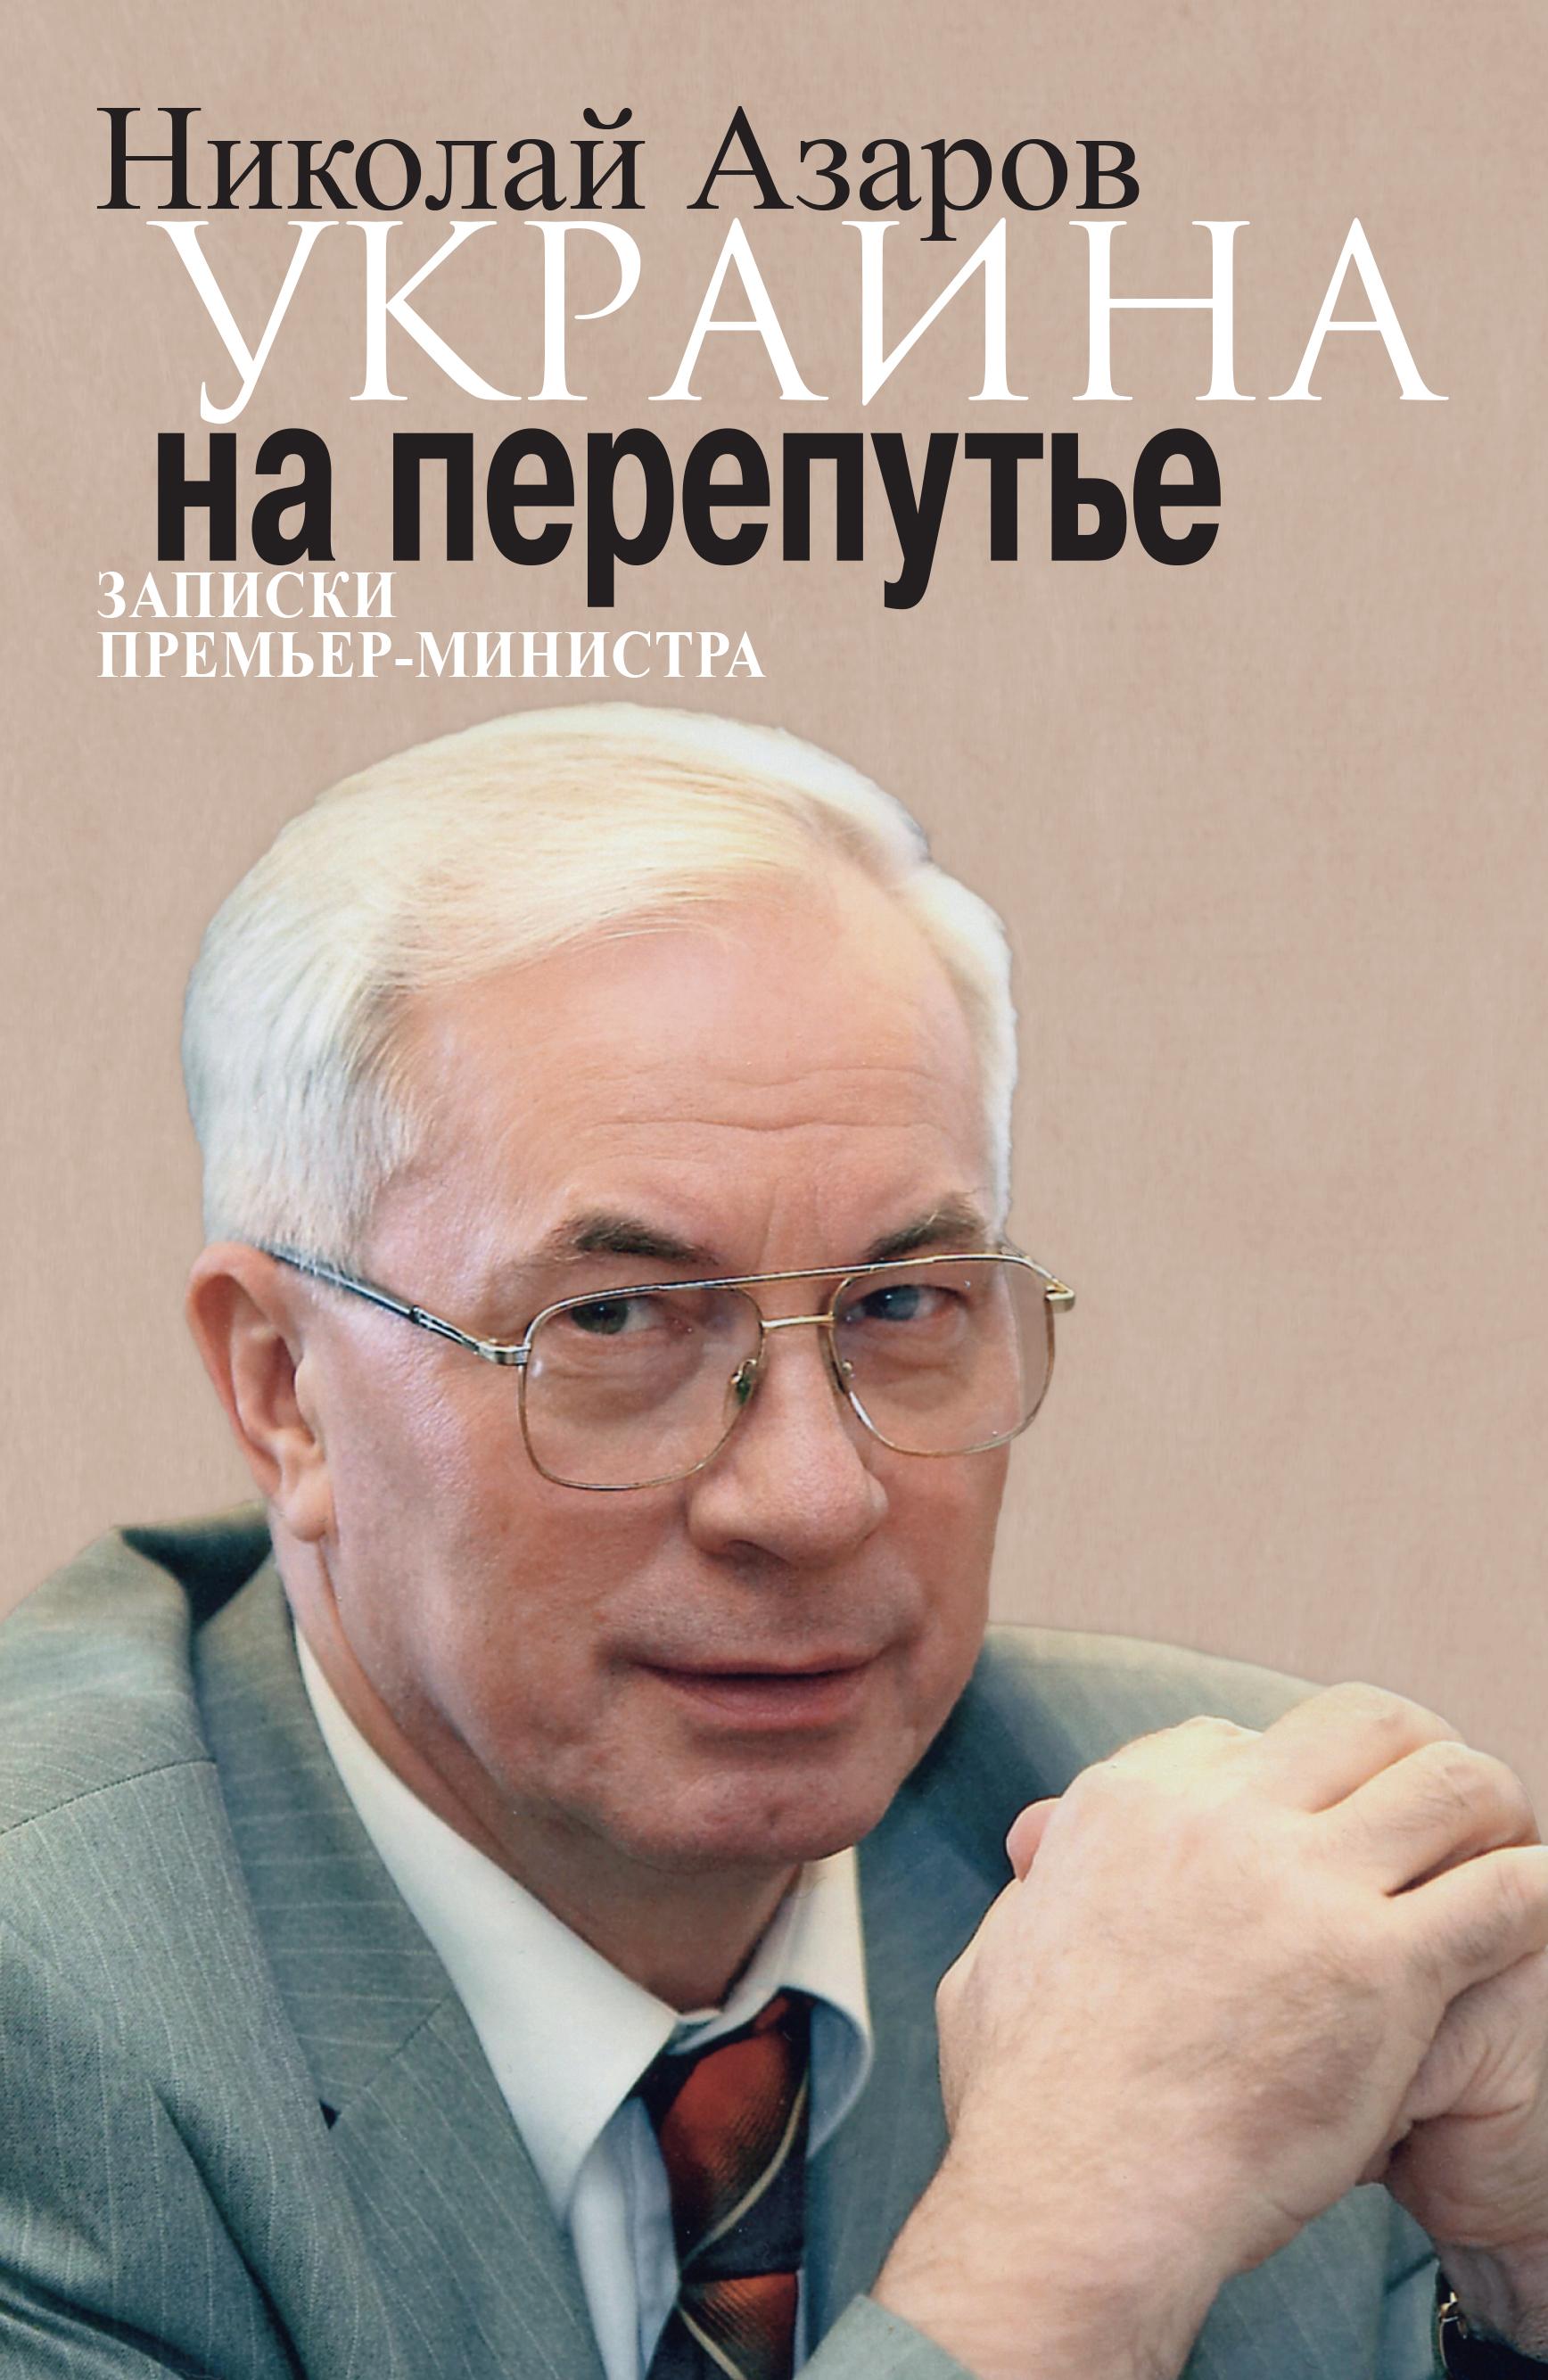 Николай Азаров Украина на перепутье. Записки премьер-министра бдрм в украине